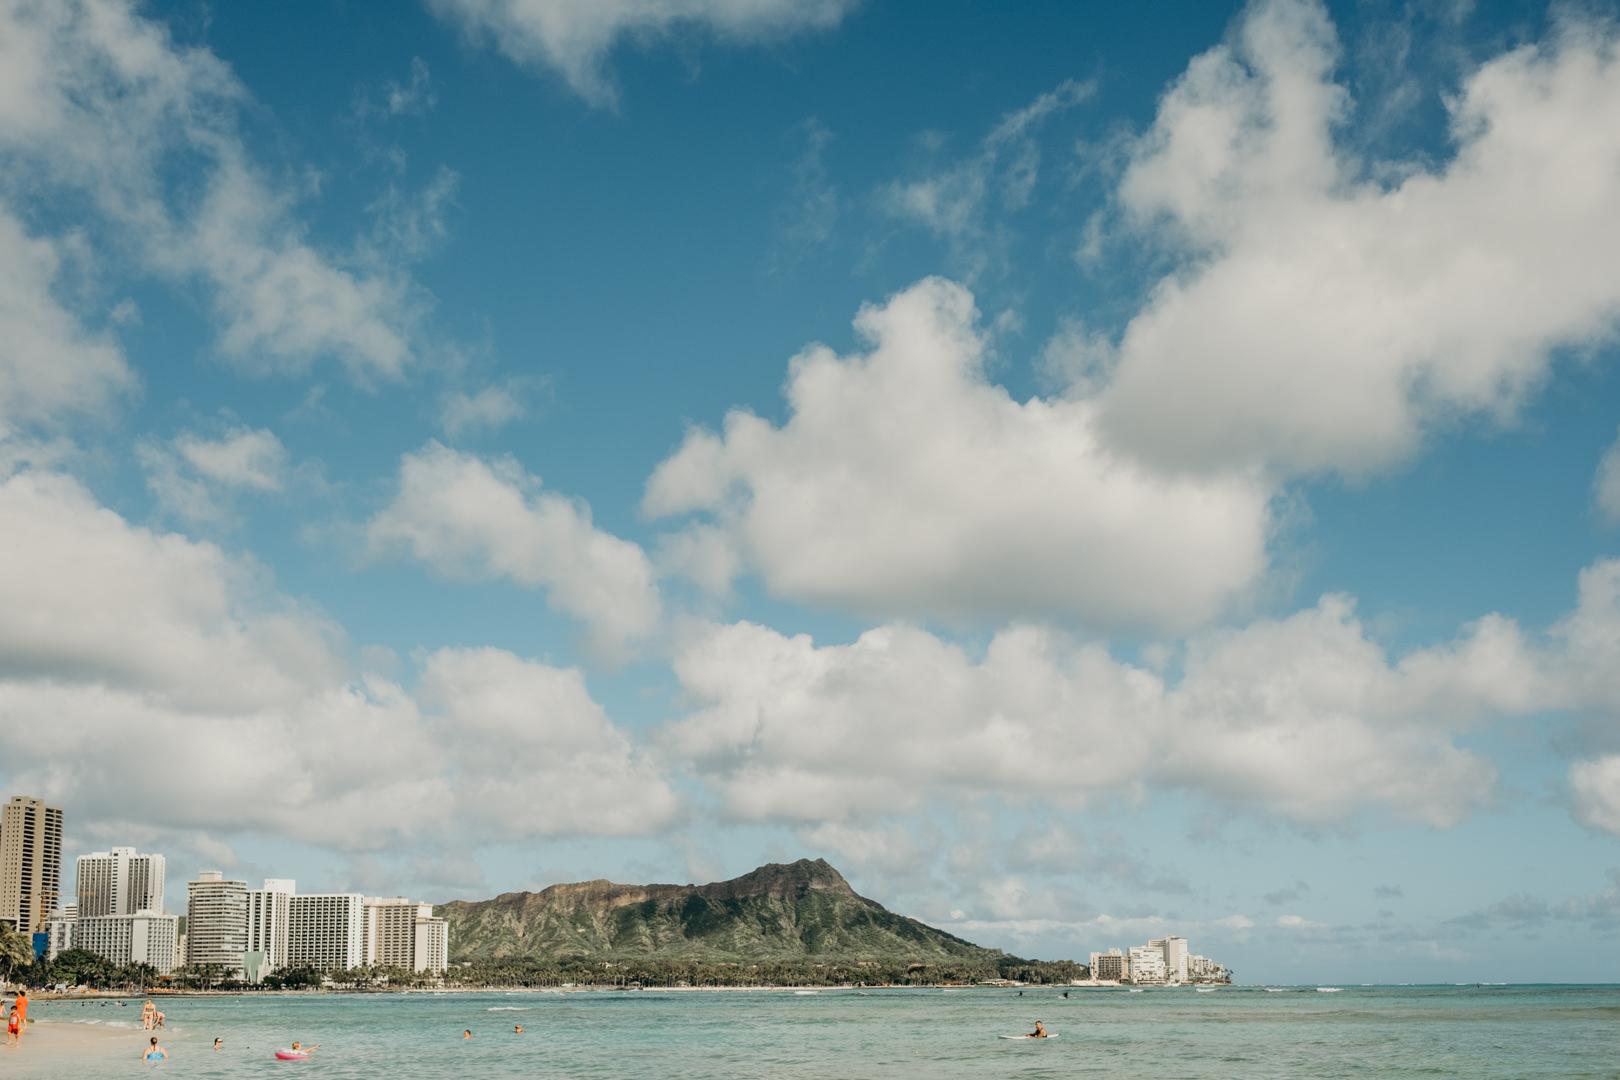 20180423_Visit Hawaii_Waikiki_1.jpg